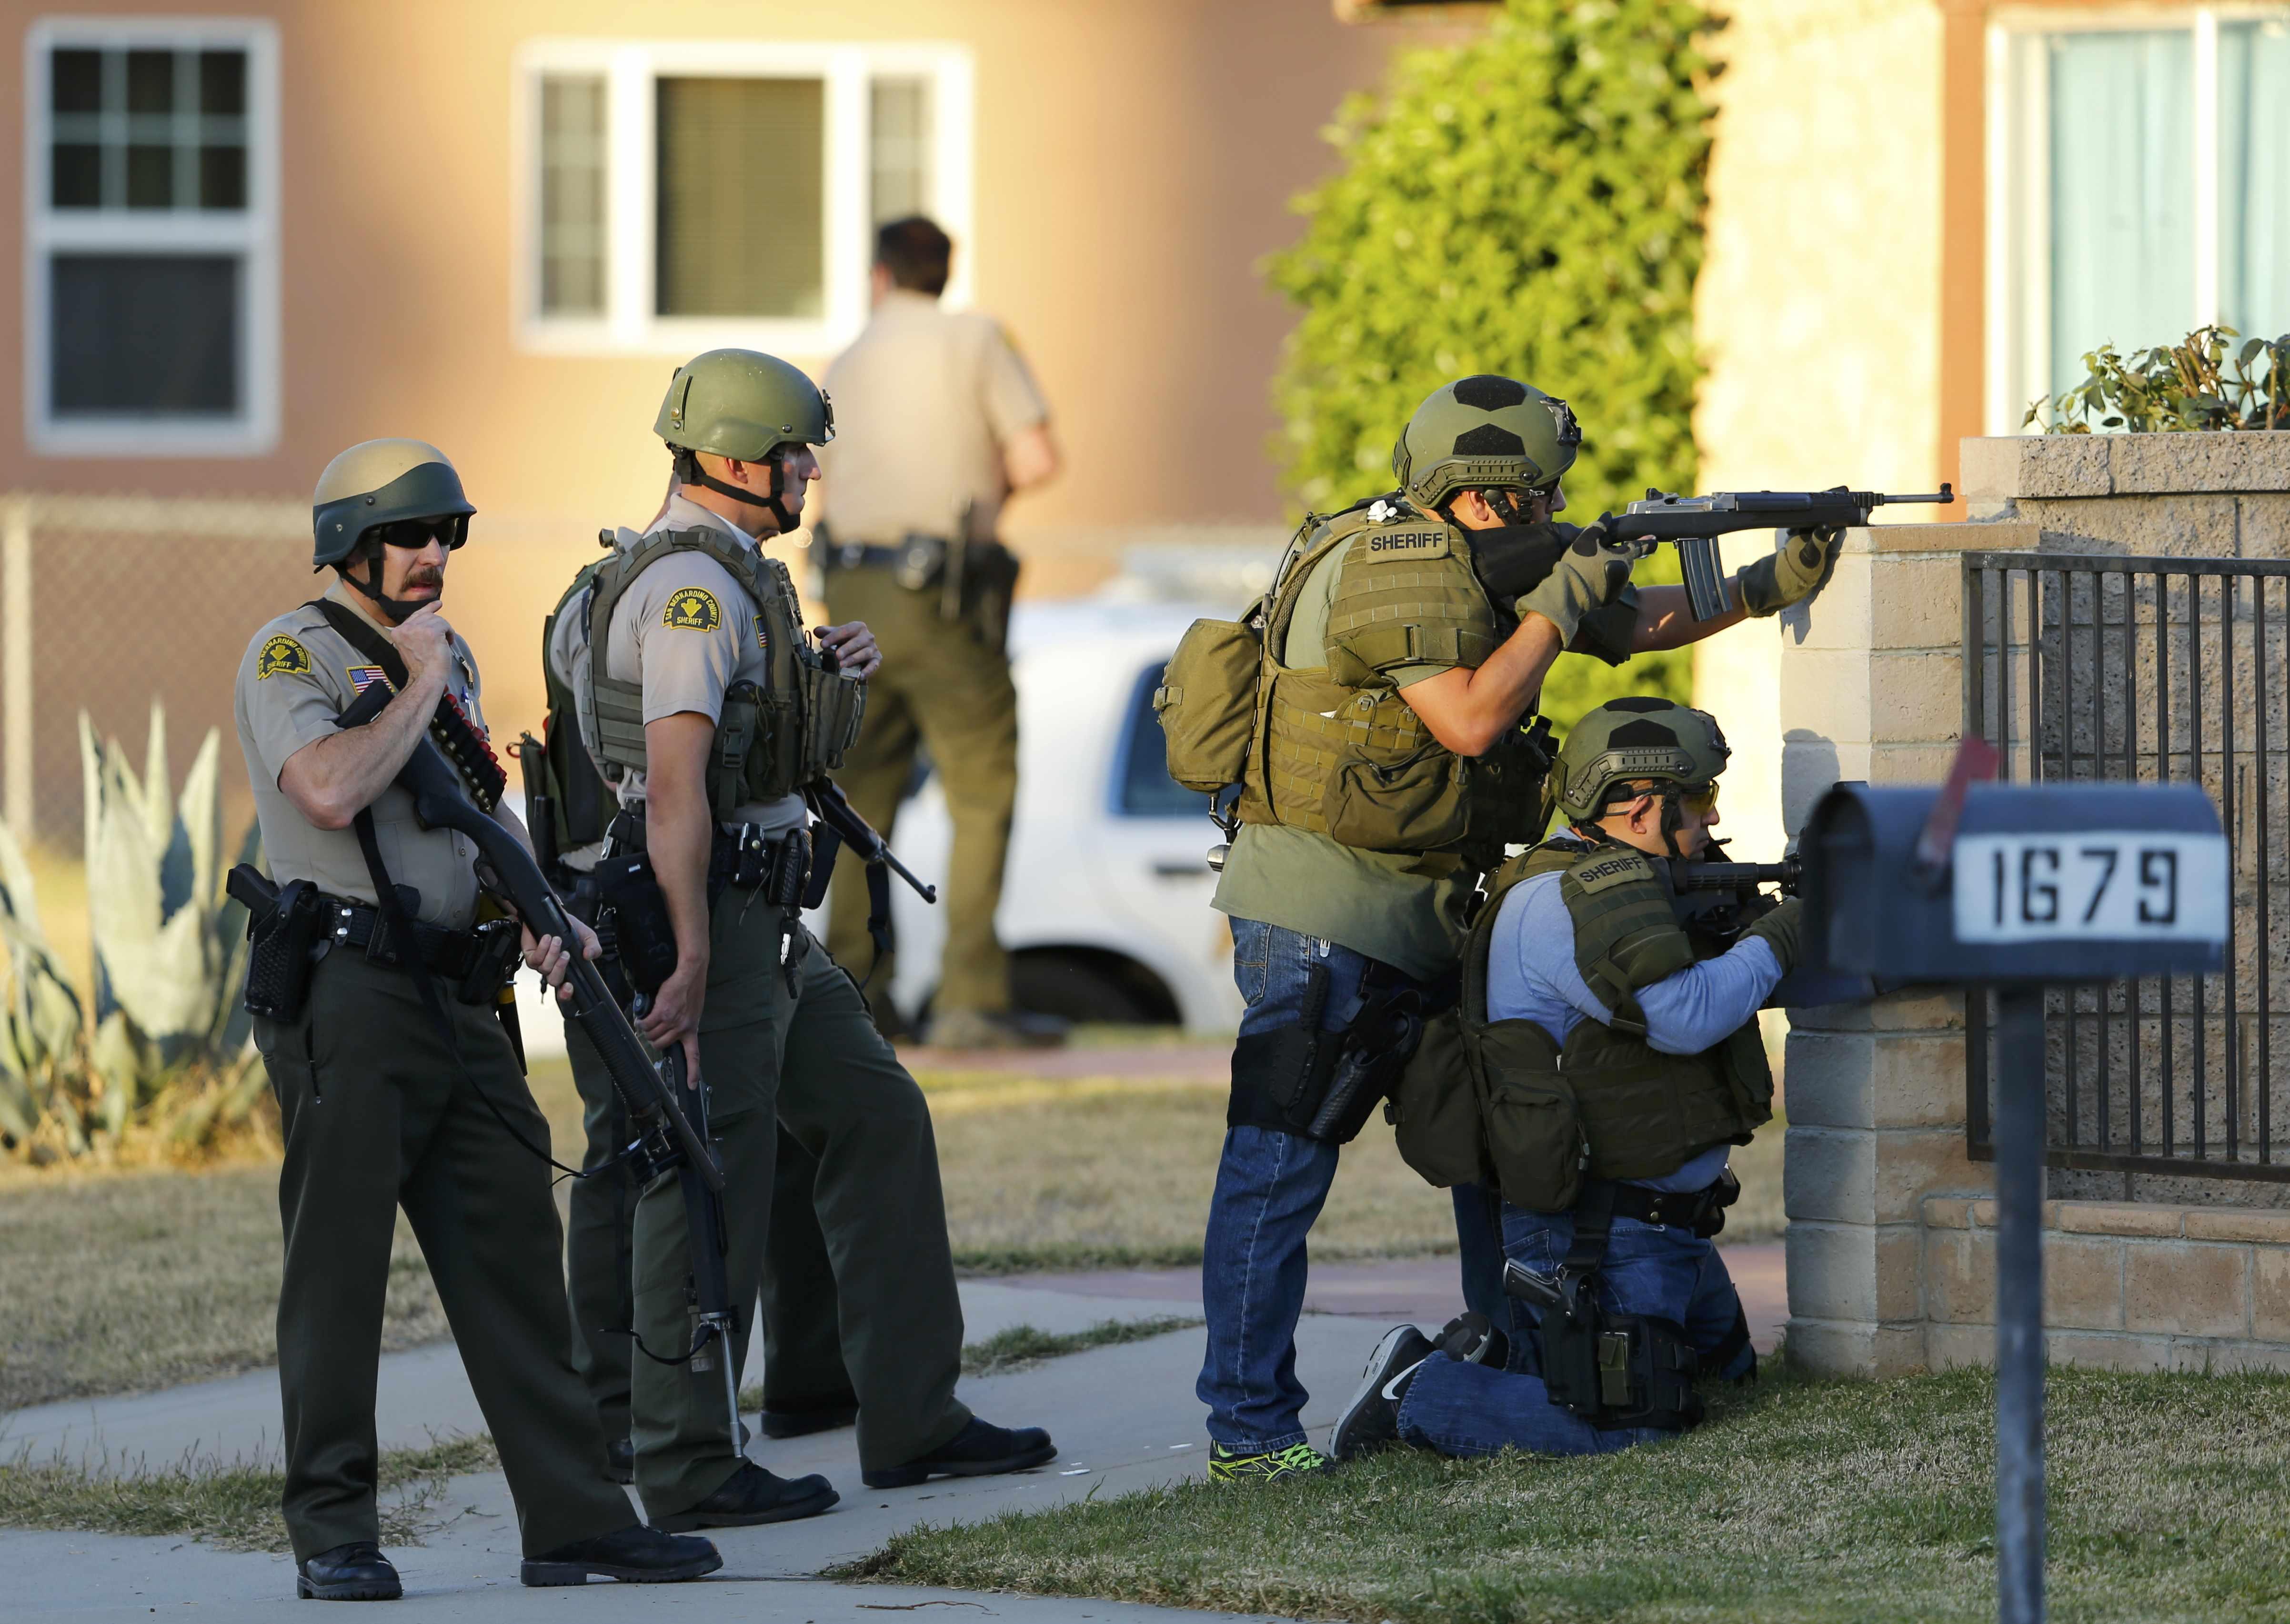 加州聖伯納汀發生槍案,警方趕到現場追查。(路透)